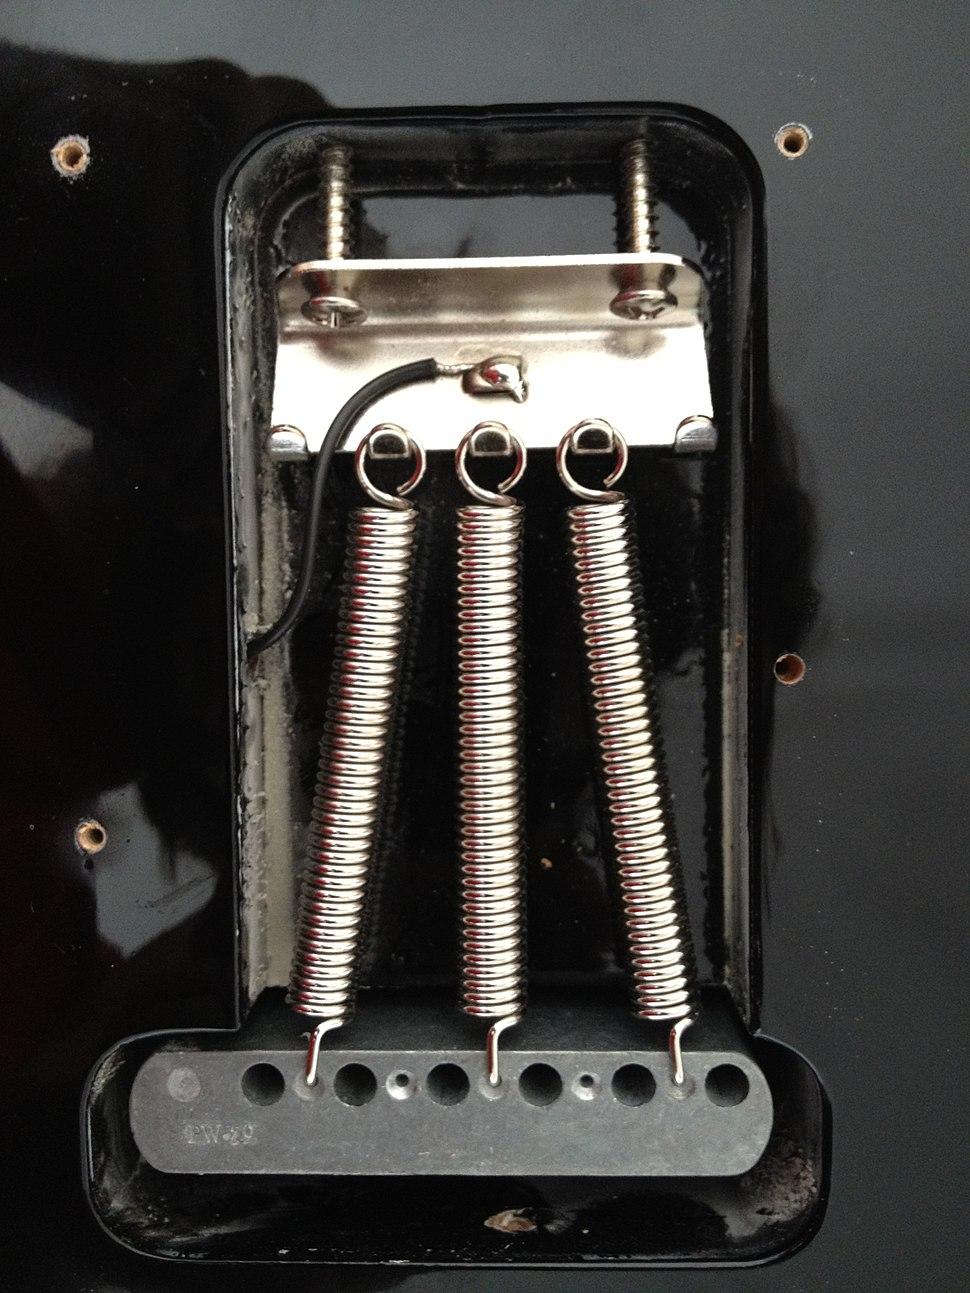 Fender Stratocaster tremolo bridge rear view